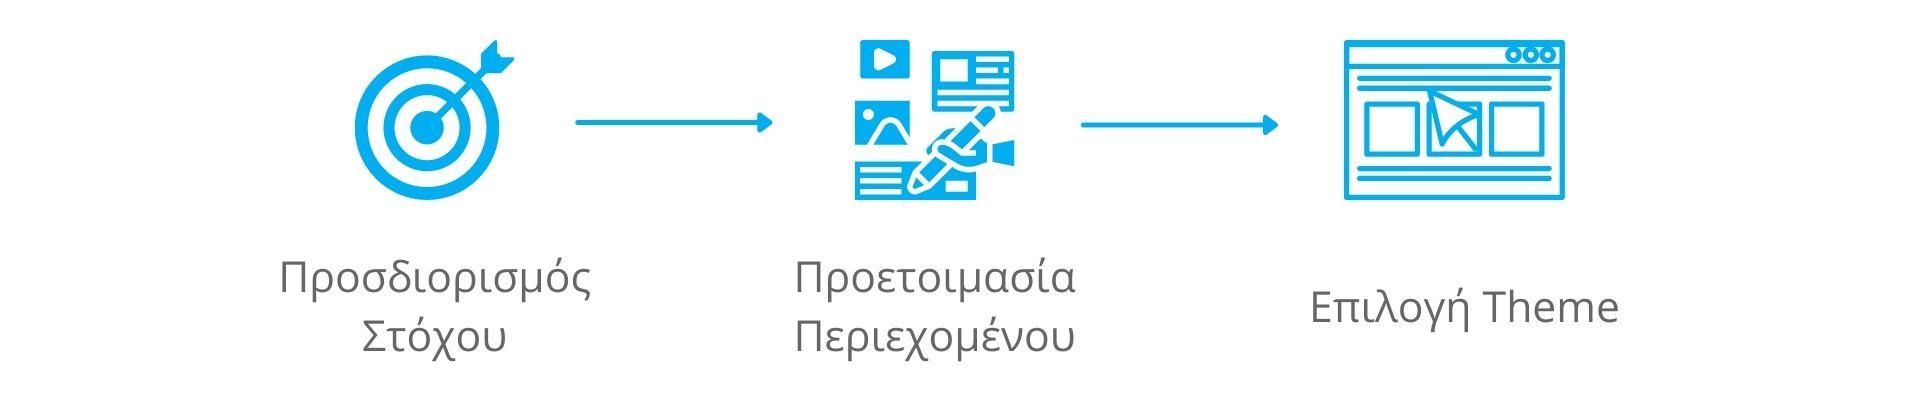 Κατασκευή ιστοσελίδων - 3 σημαντικά στάδια